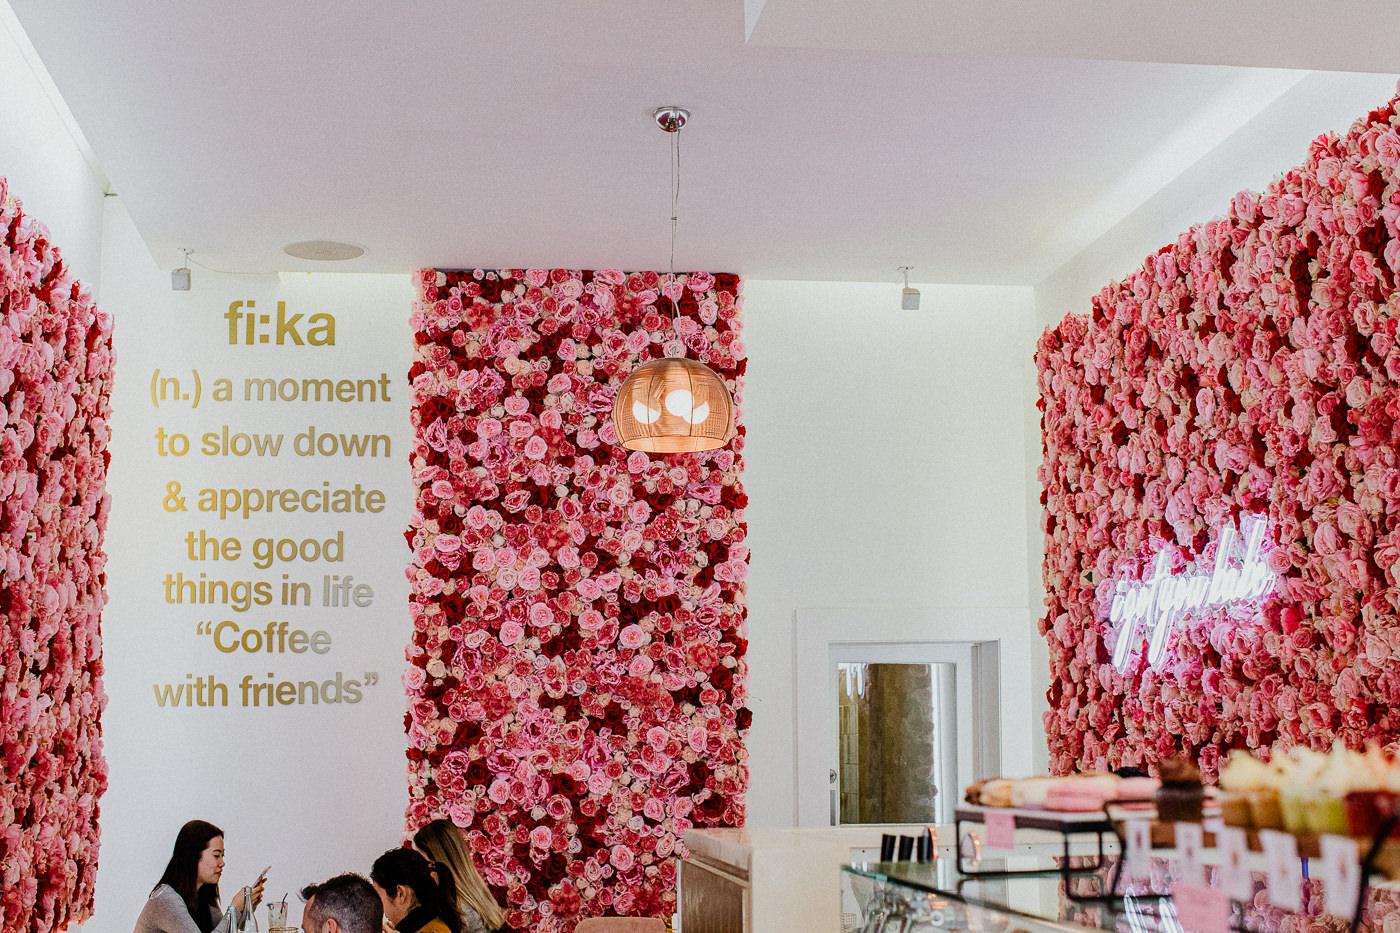 Fi:Ka Cafe in Hawthorn